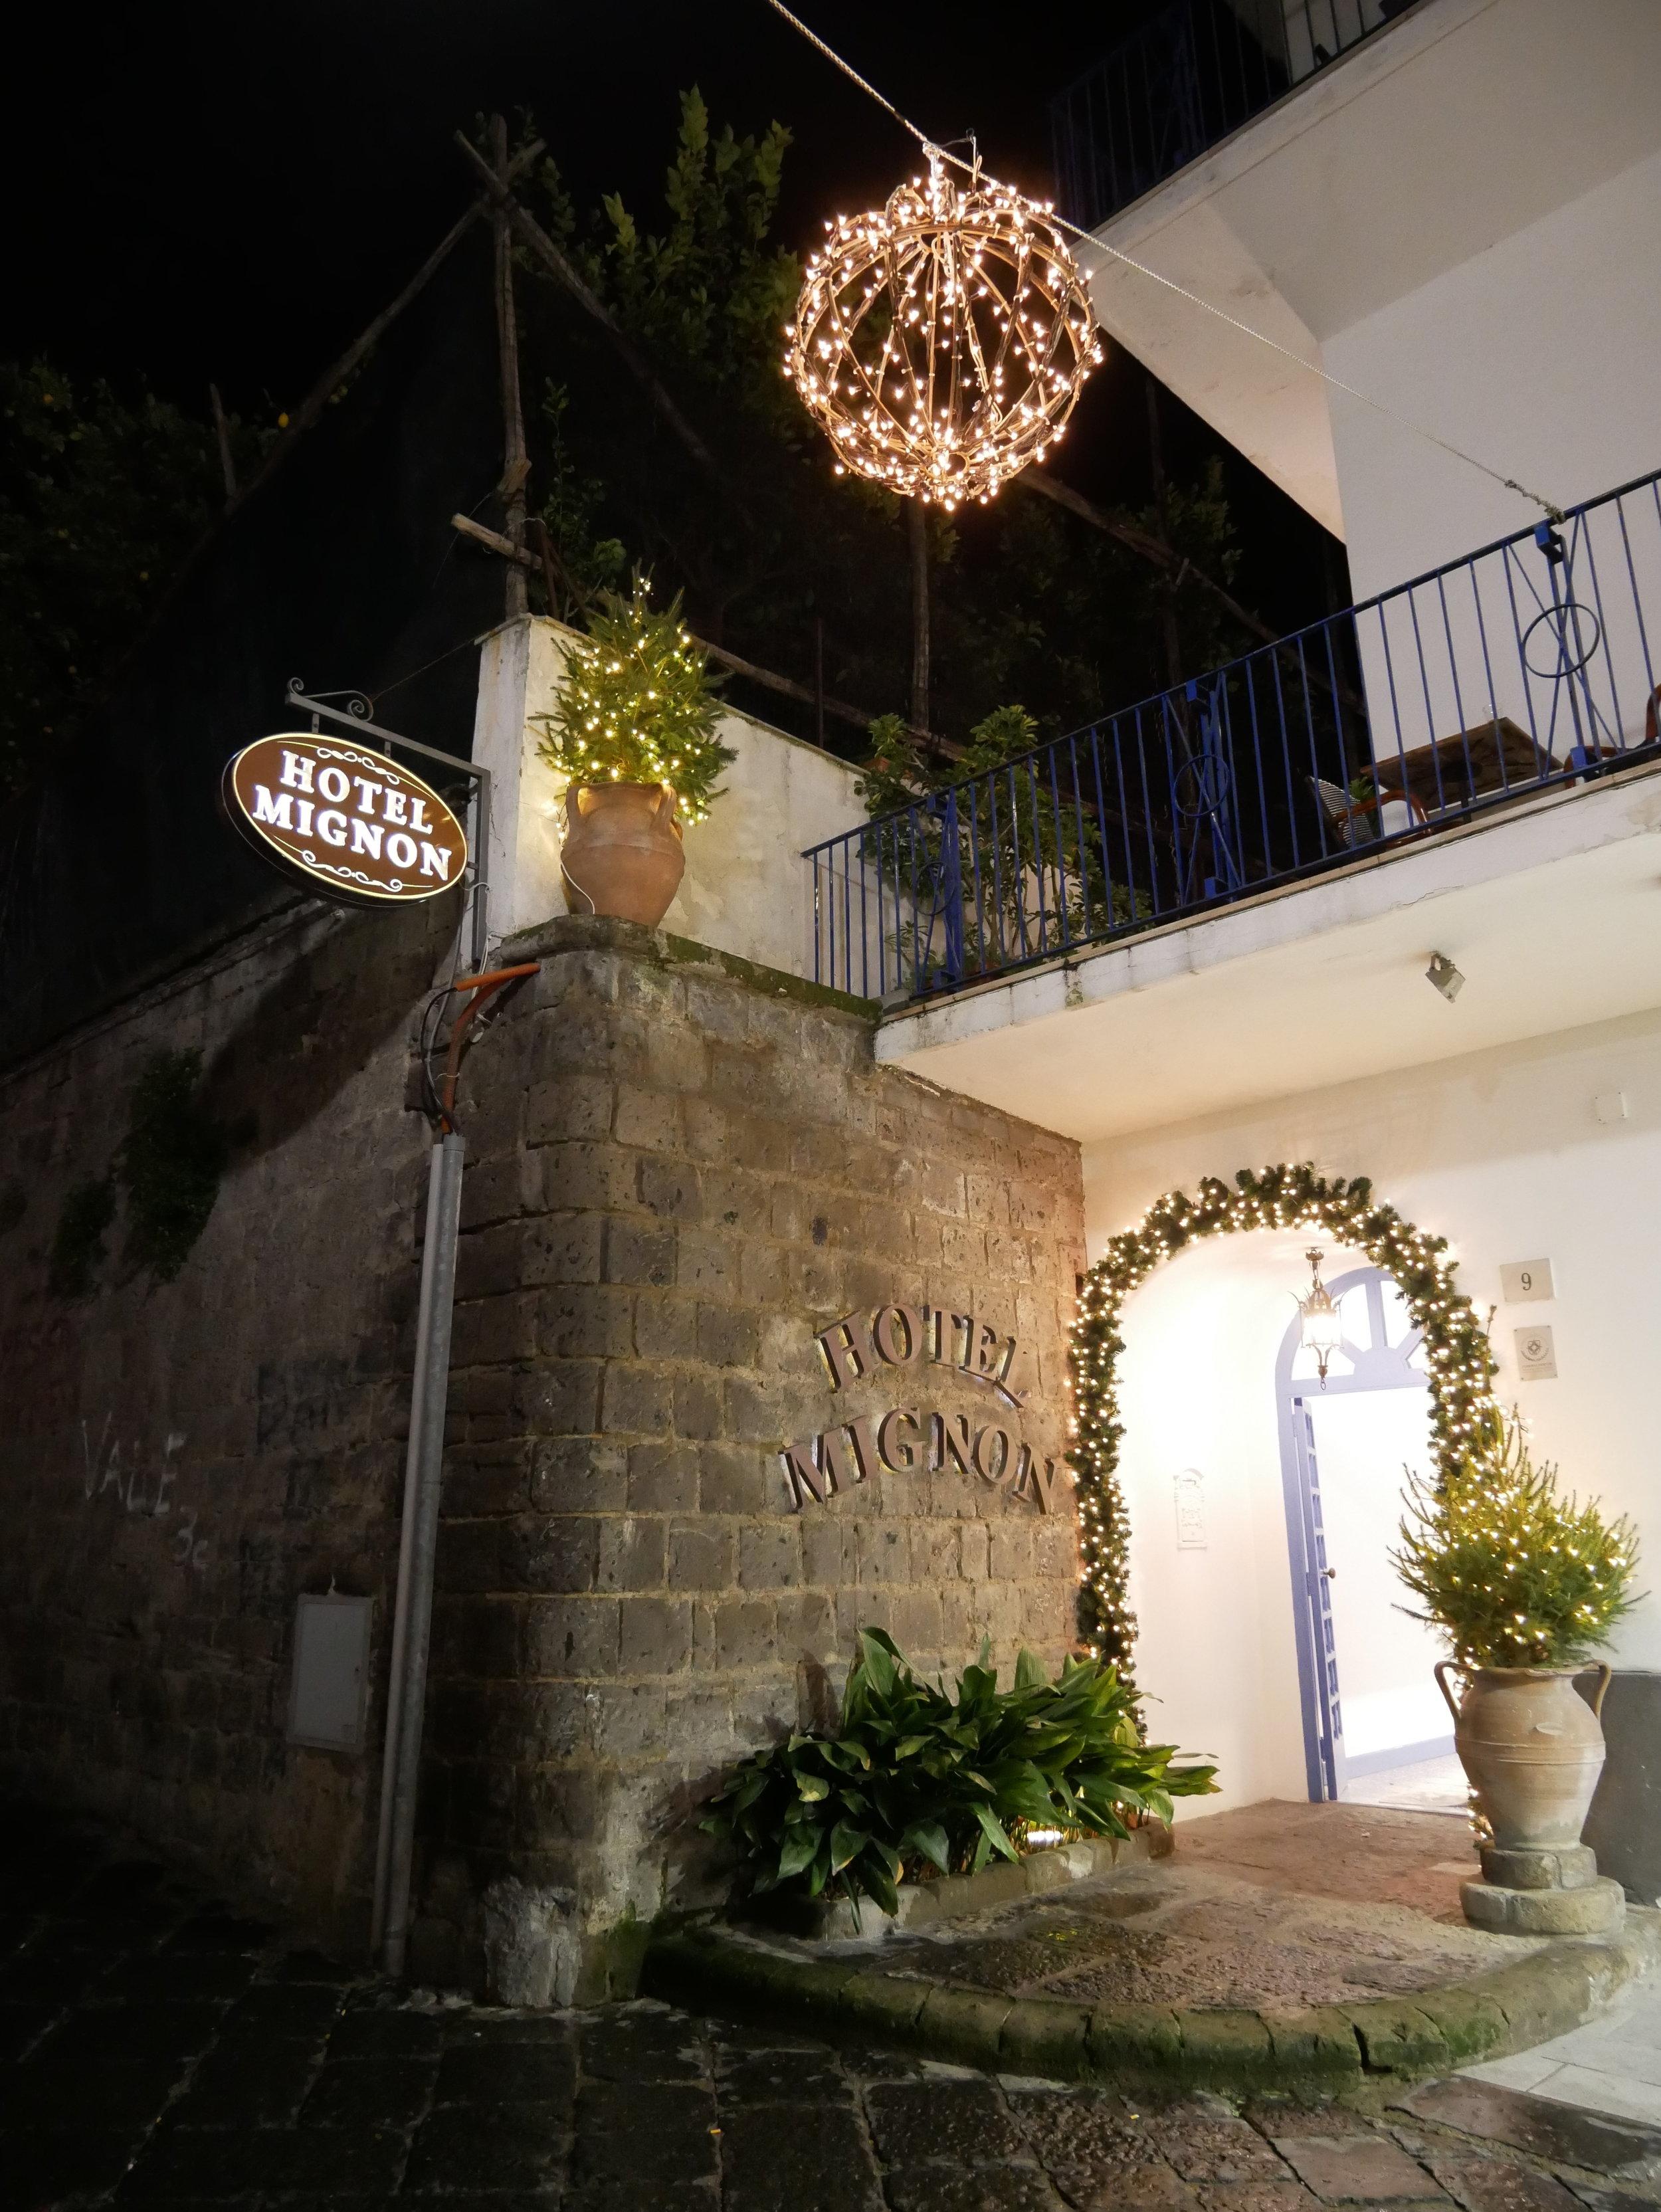 Hotel Mignon Sorrento exterior.jpg